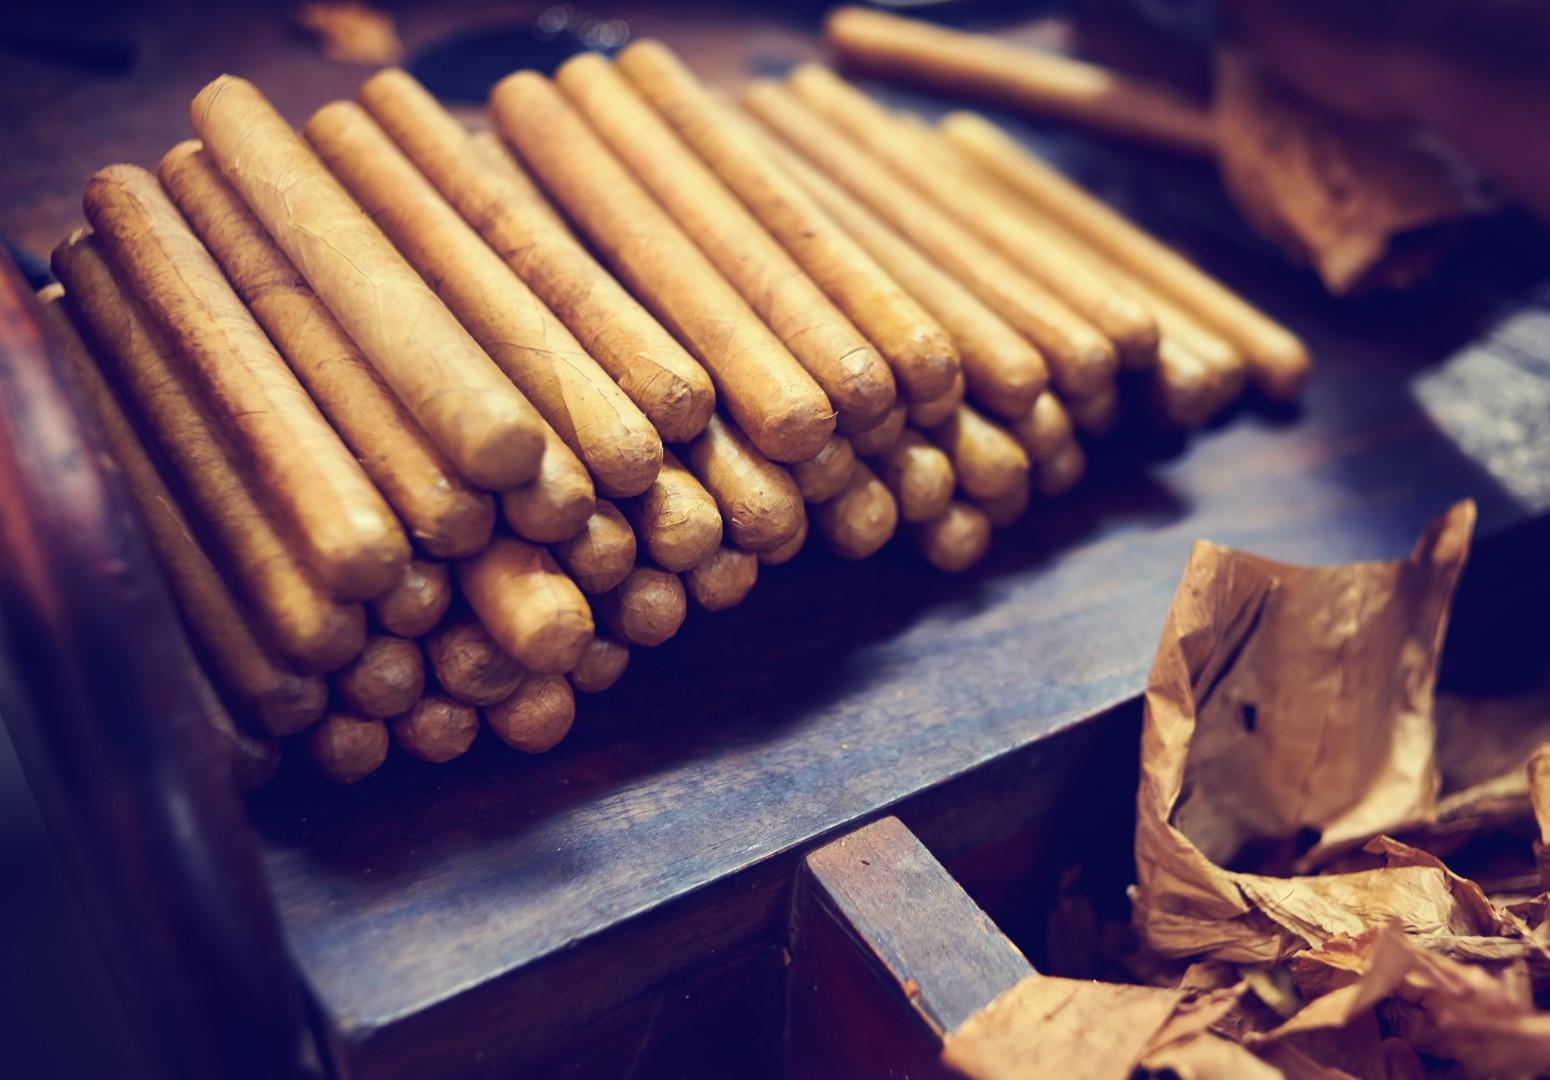 Tout comprendre à la taille et aux noms des cigares